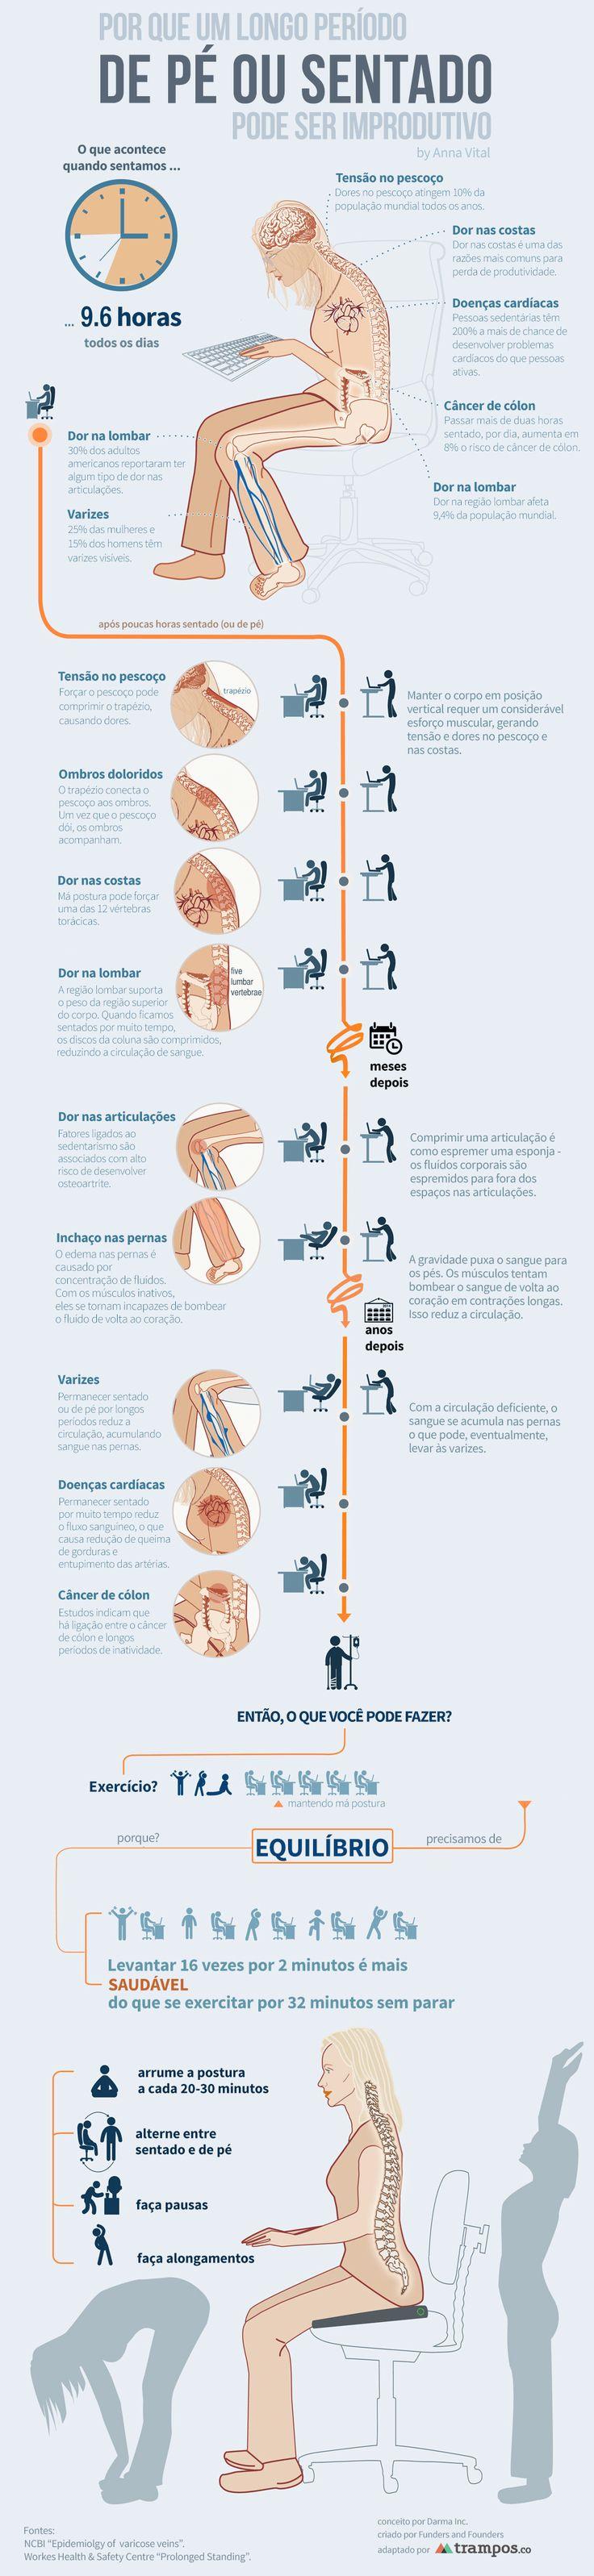 Infográfico: ficar um longo período em pé ou sentado é improdutivo.